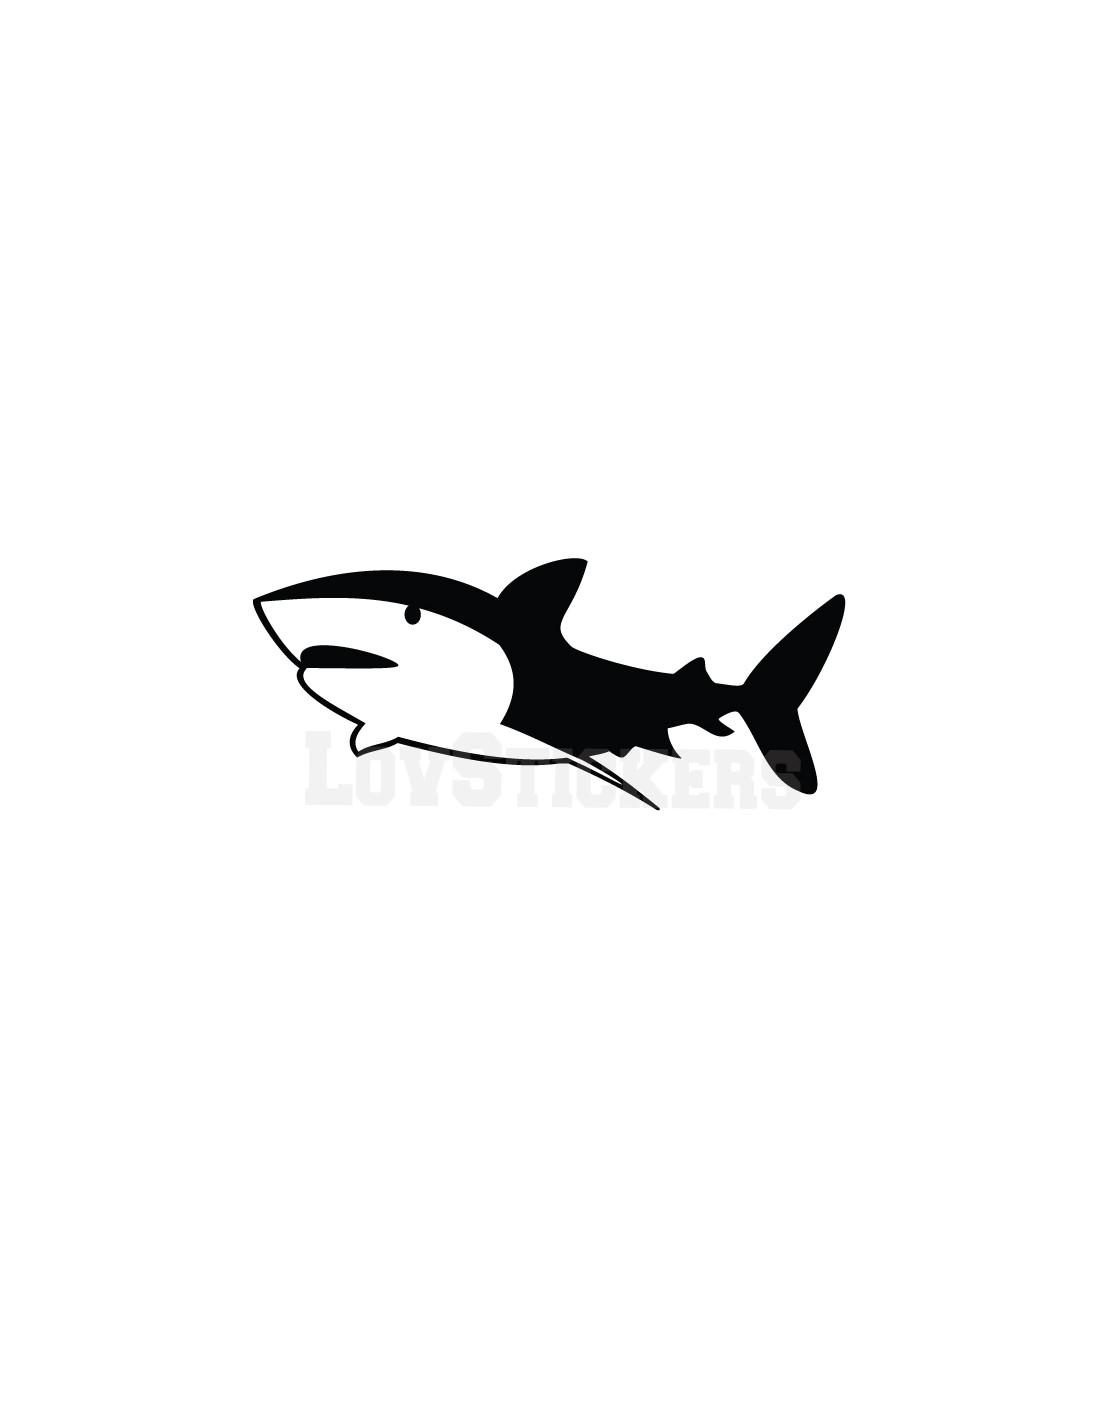 Sticker de d coration for Requin decoration